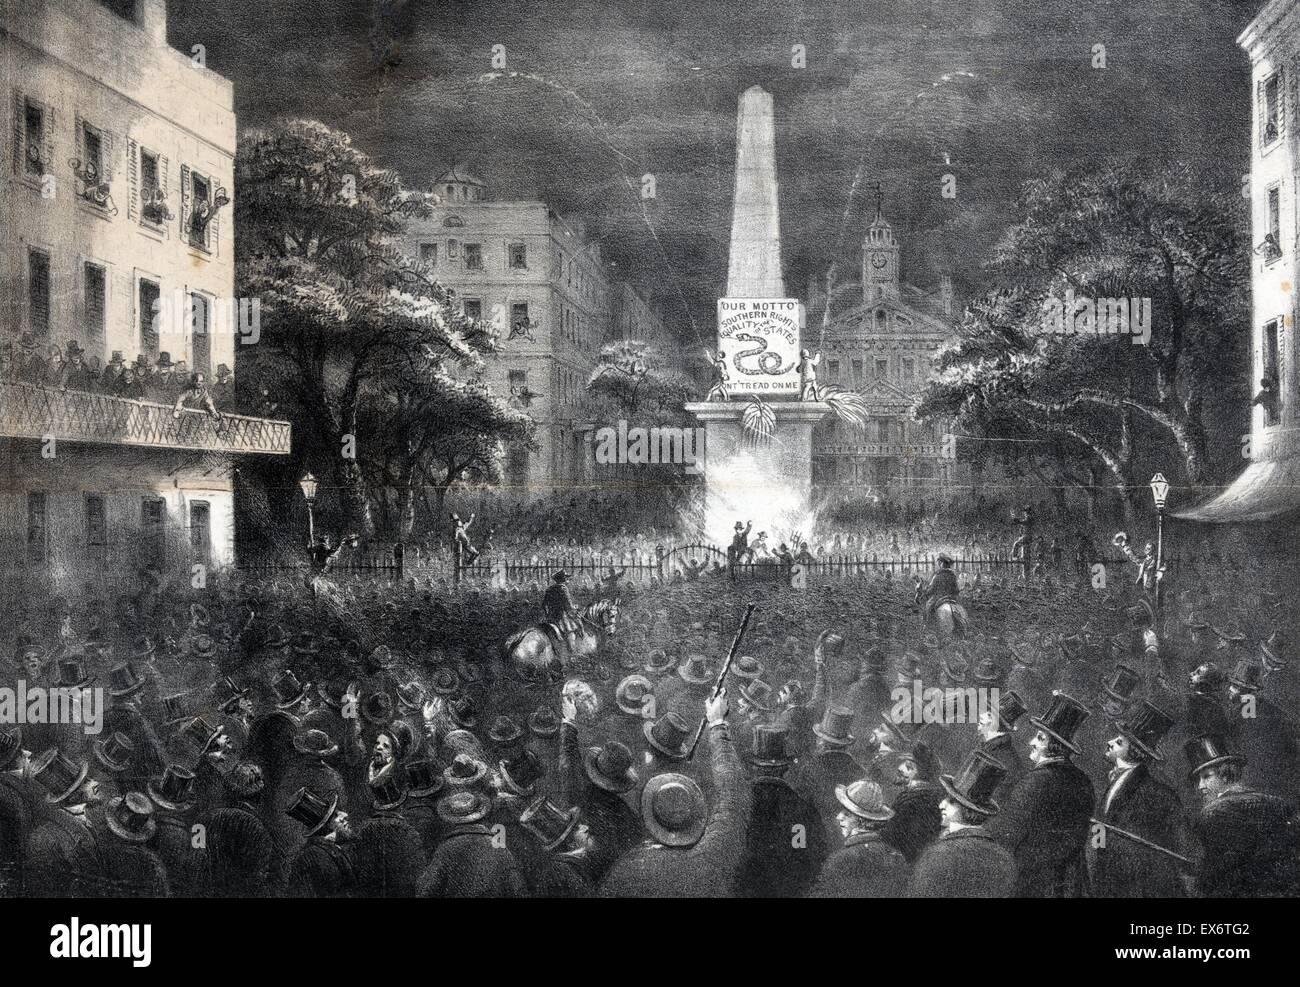 La prima bandiera dell'indipendenza sollevato nel sud, dai cittadini di Savannah, Ga. Novembre 8th, 1860. Una Immagini Stock